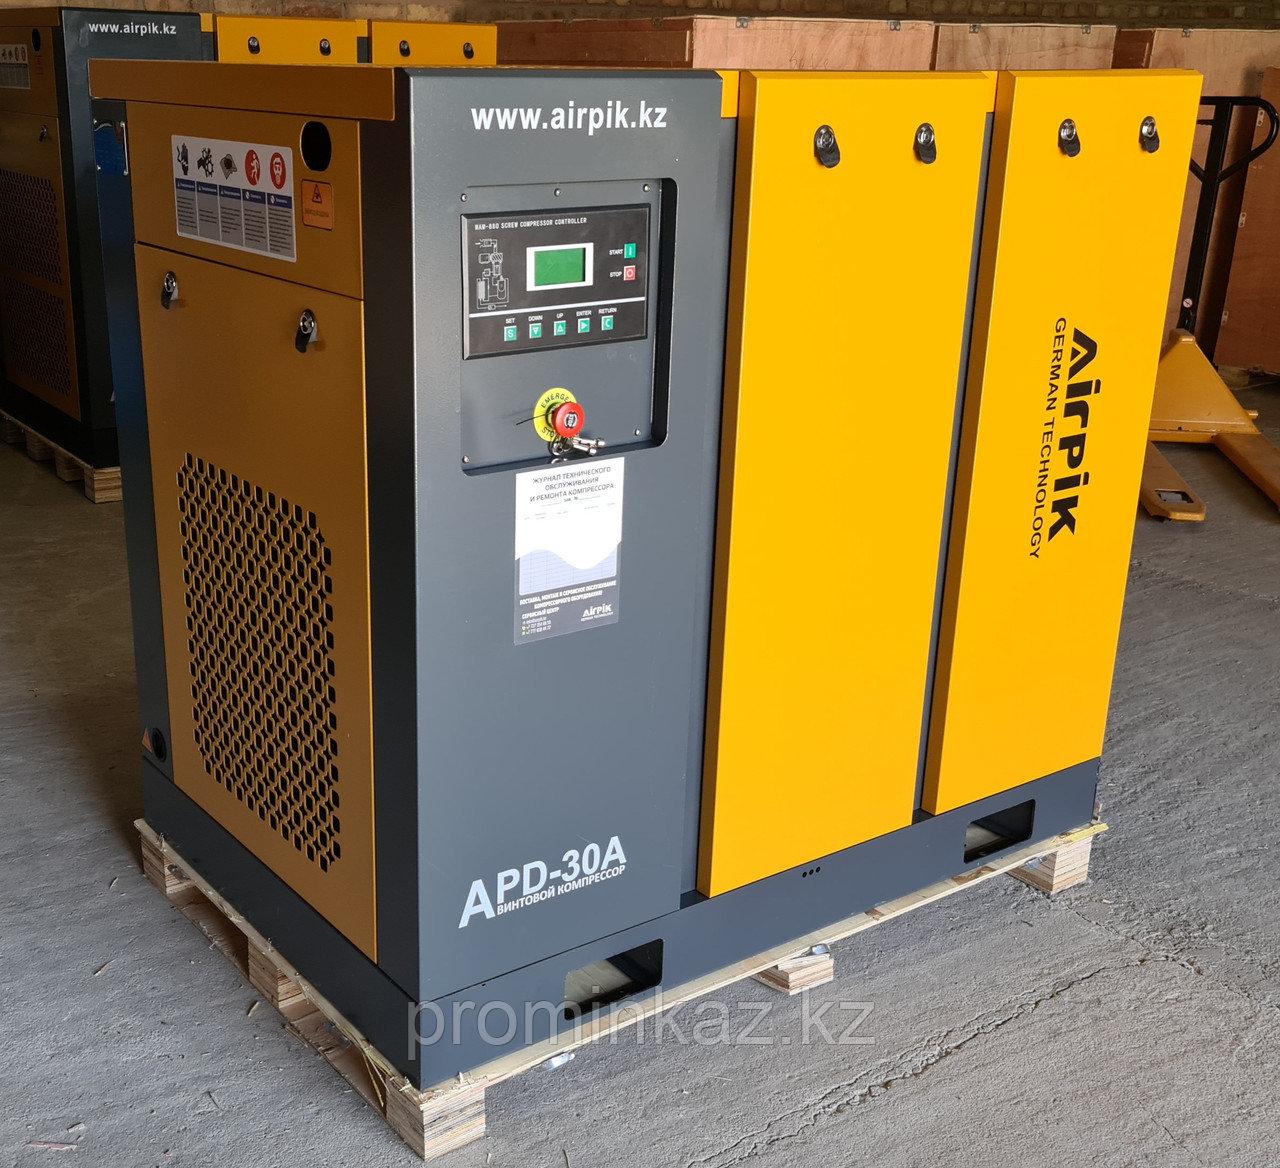 Винтовой компрессор APD-30A, -3,6 куб.м, 22кВт, AirPIK